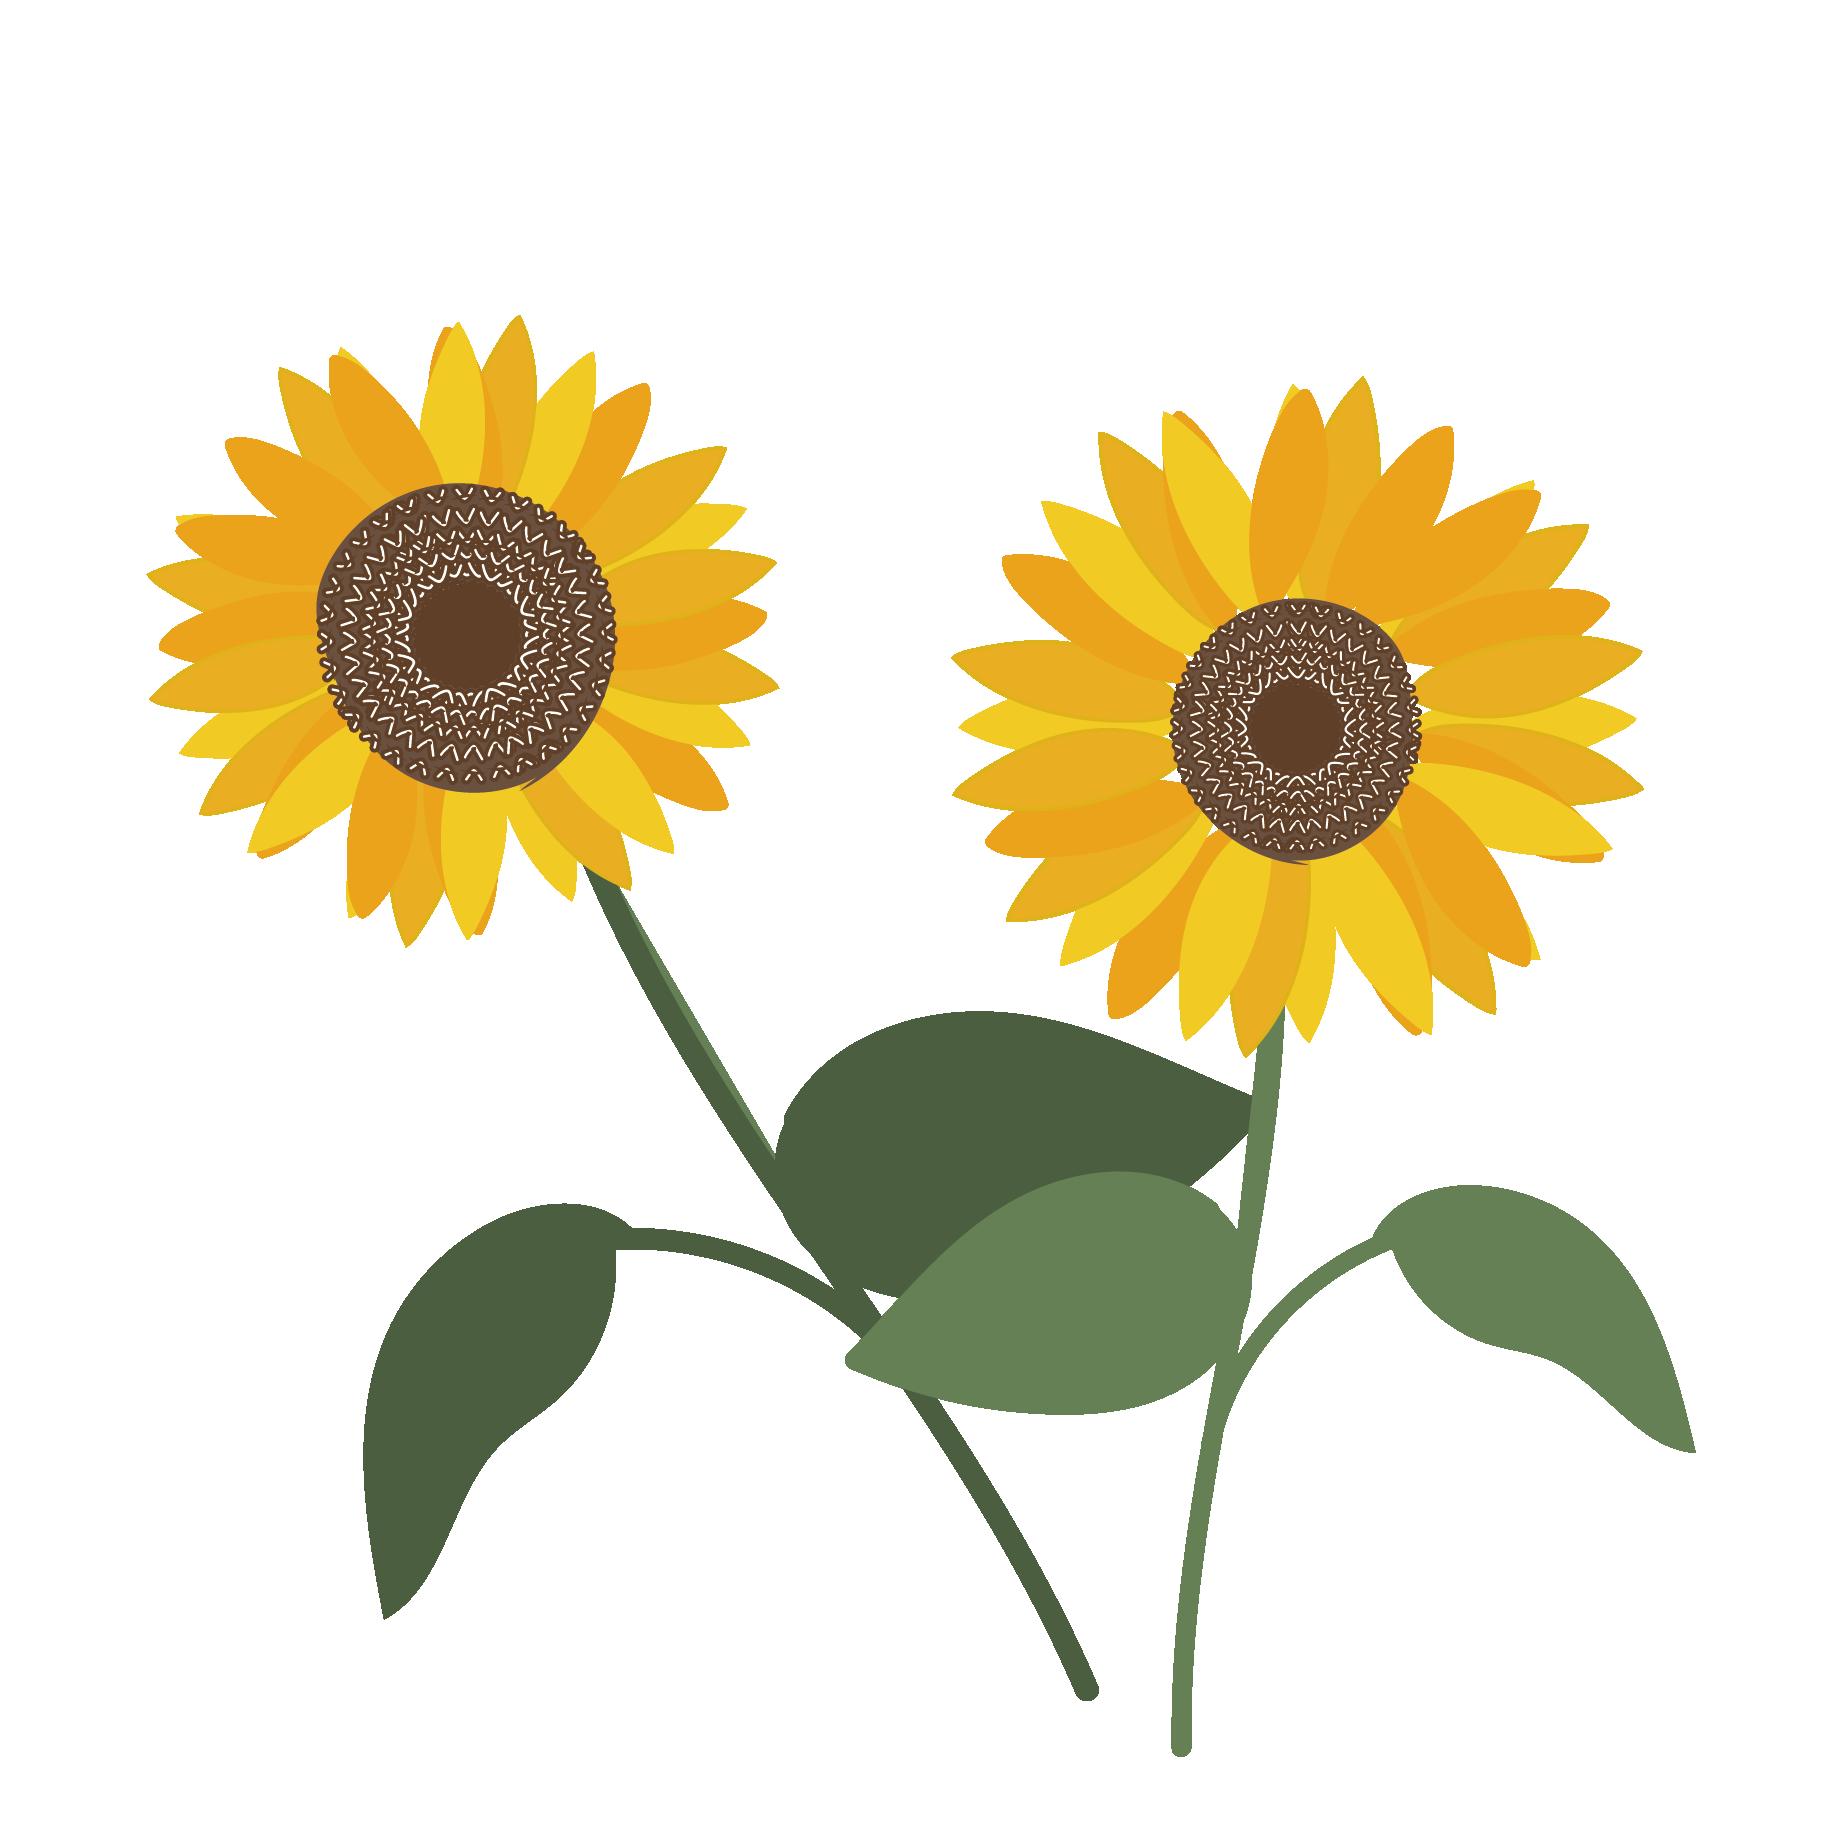 夏の花】ひまわり(ヒマワリ)のイラスト | 商用フリー(無料)のイラスト